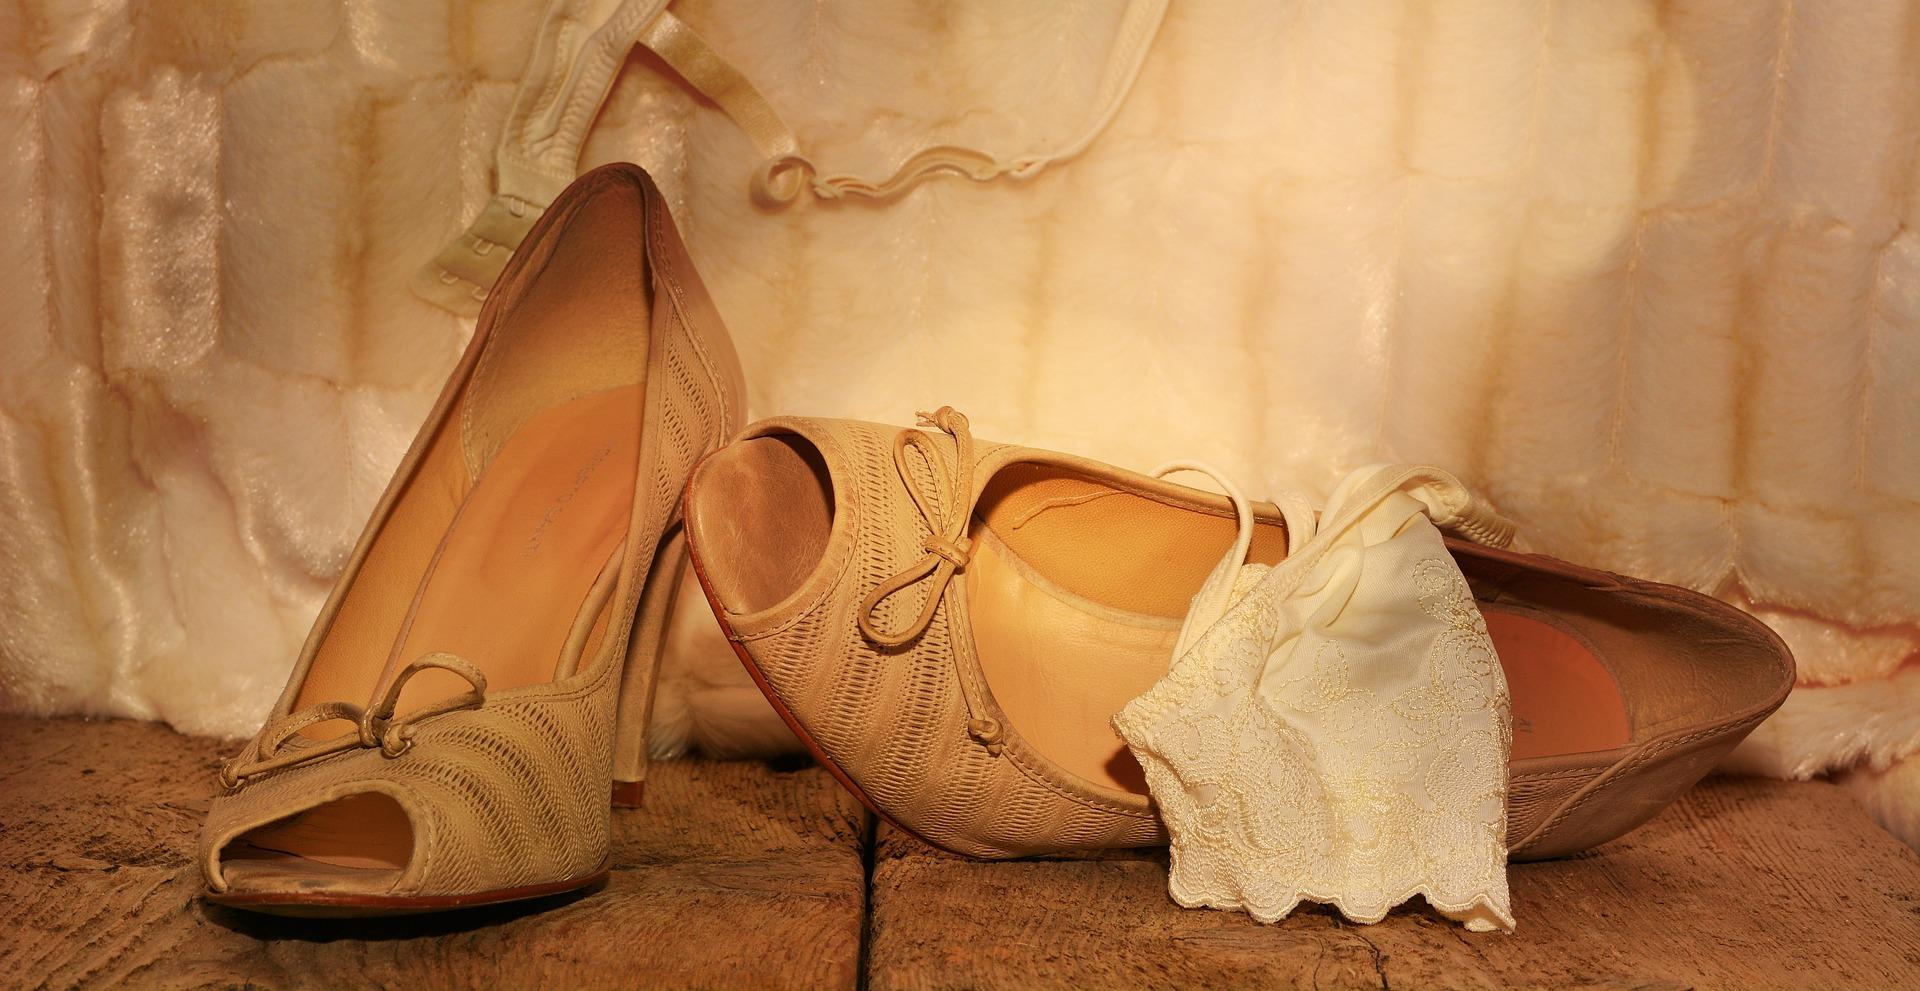 Dámska obuv v priebehu vekov  Od antických sandálov až k ihličkám ... 5fc482896b5